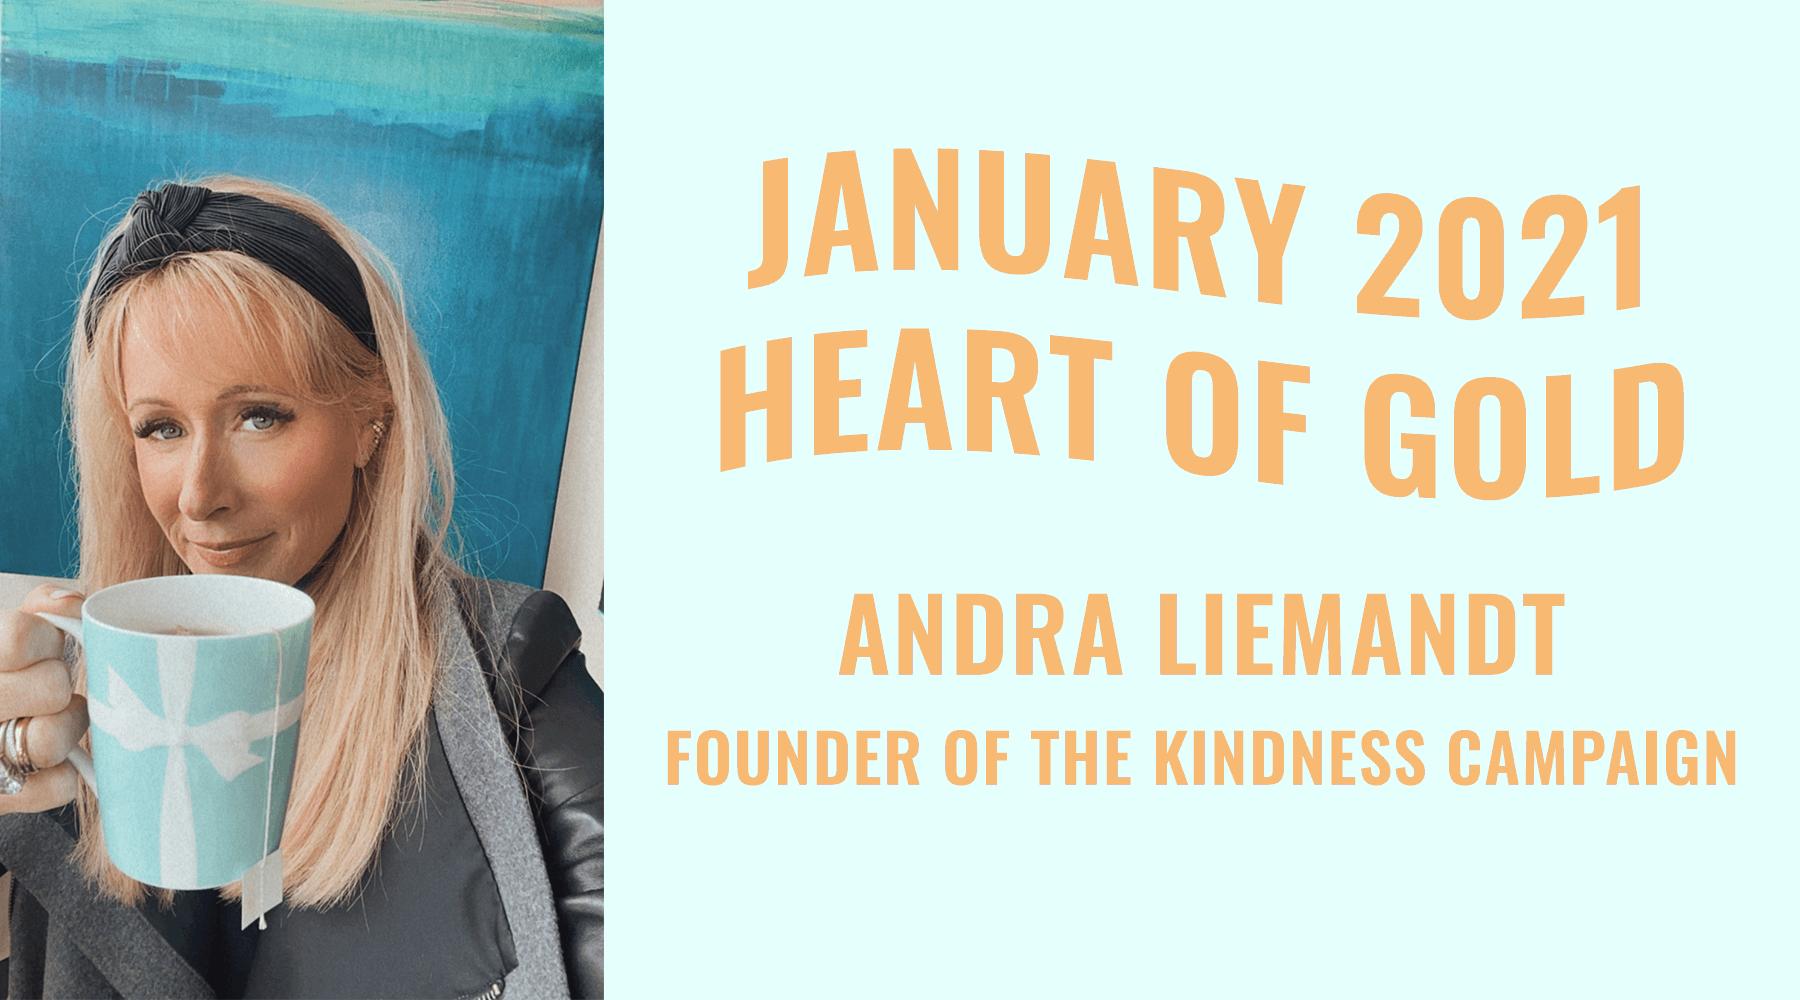 Heart of Gold: Andra Liemandt